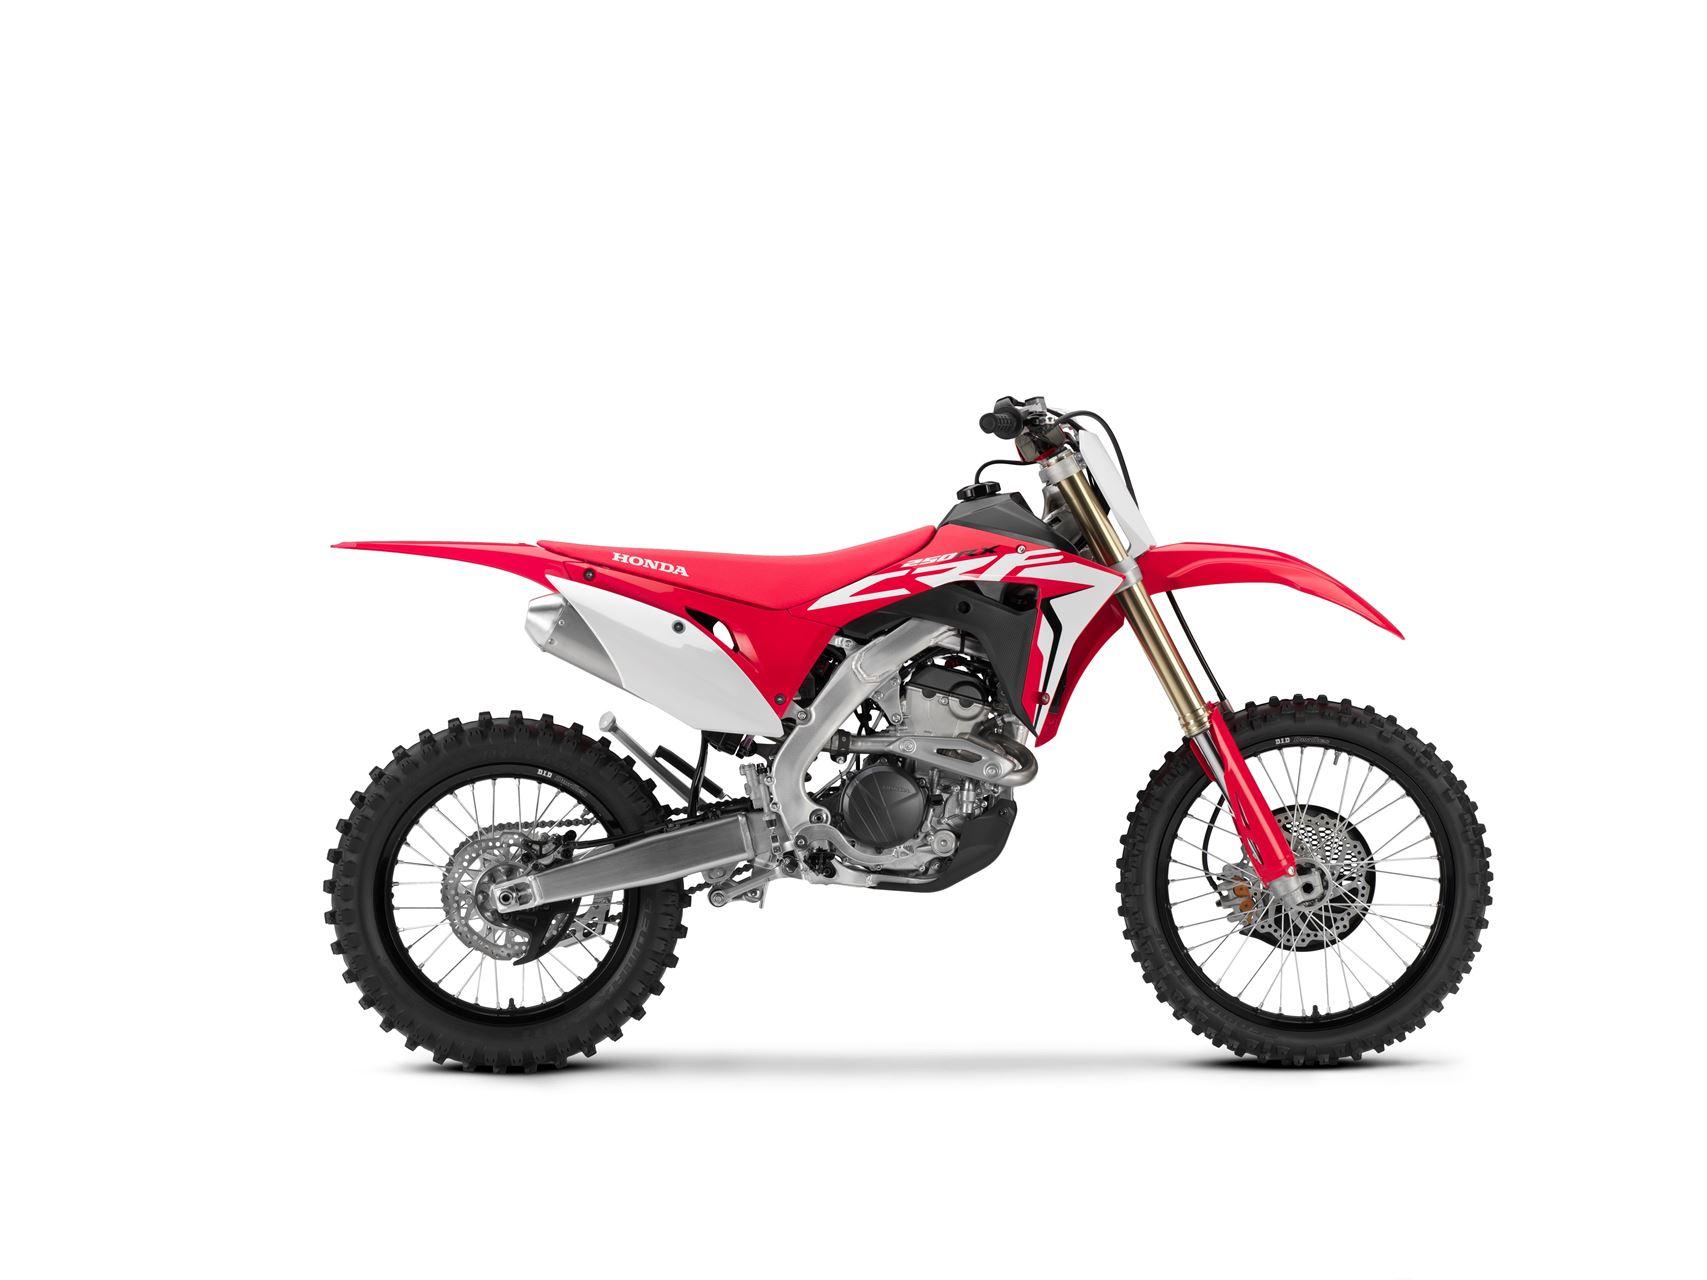 honda crf250rx 2019 moto off road andar de moto. Black Bedroom Furniture Sets. Home Design Ideas